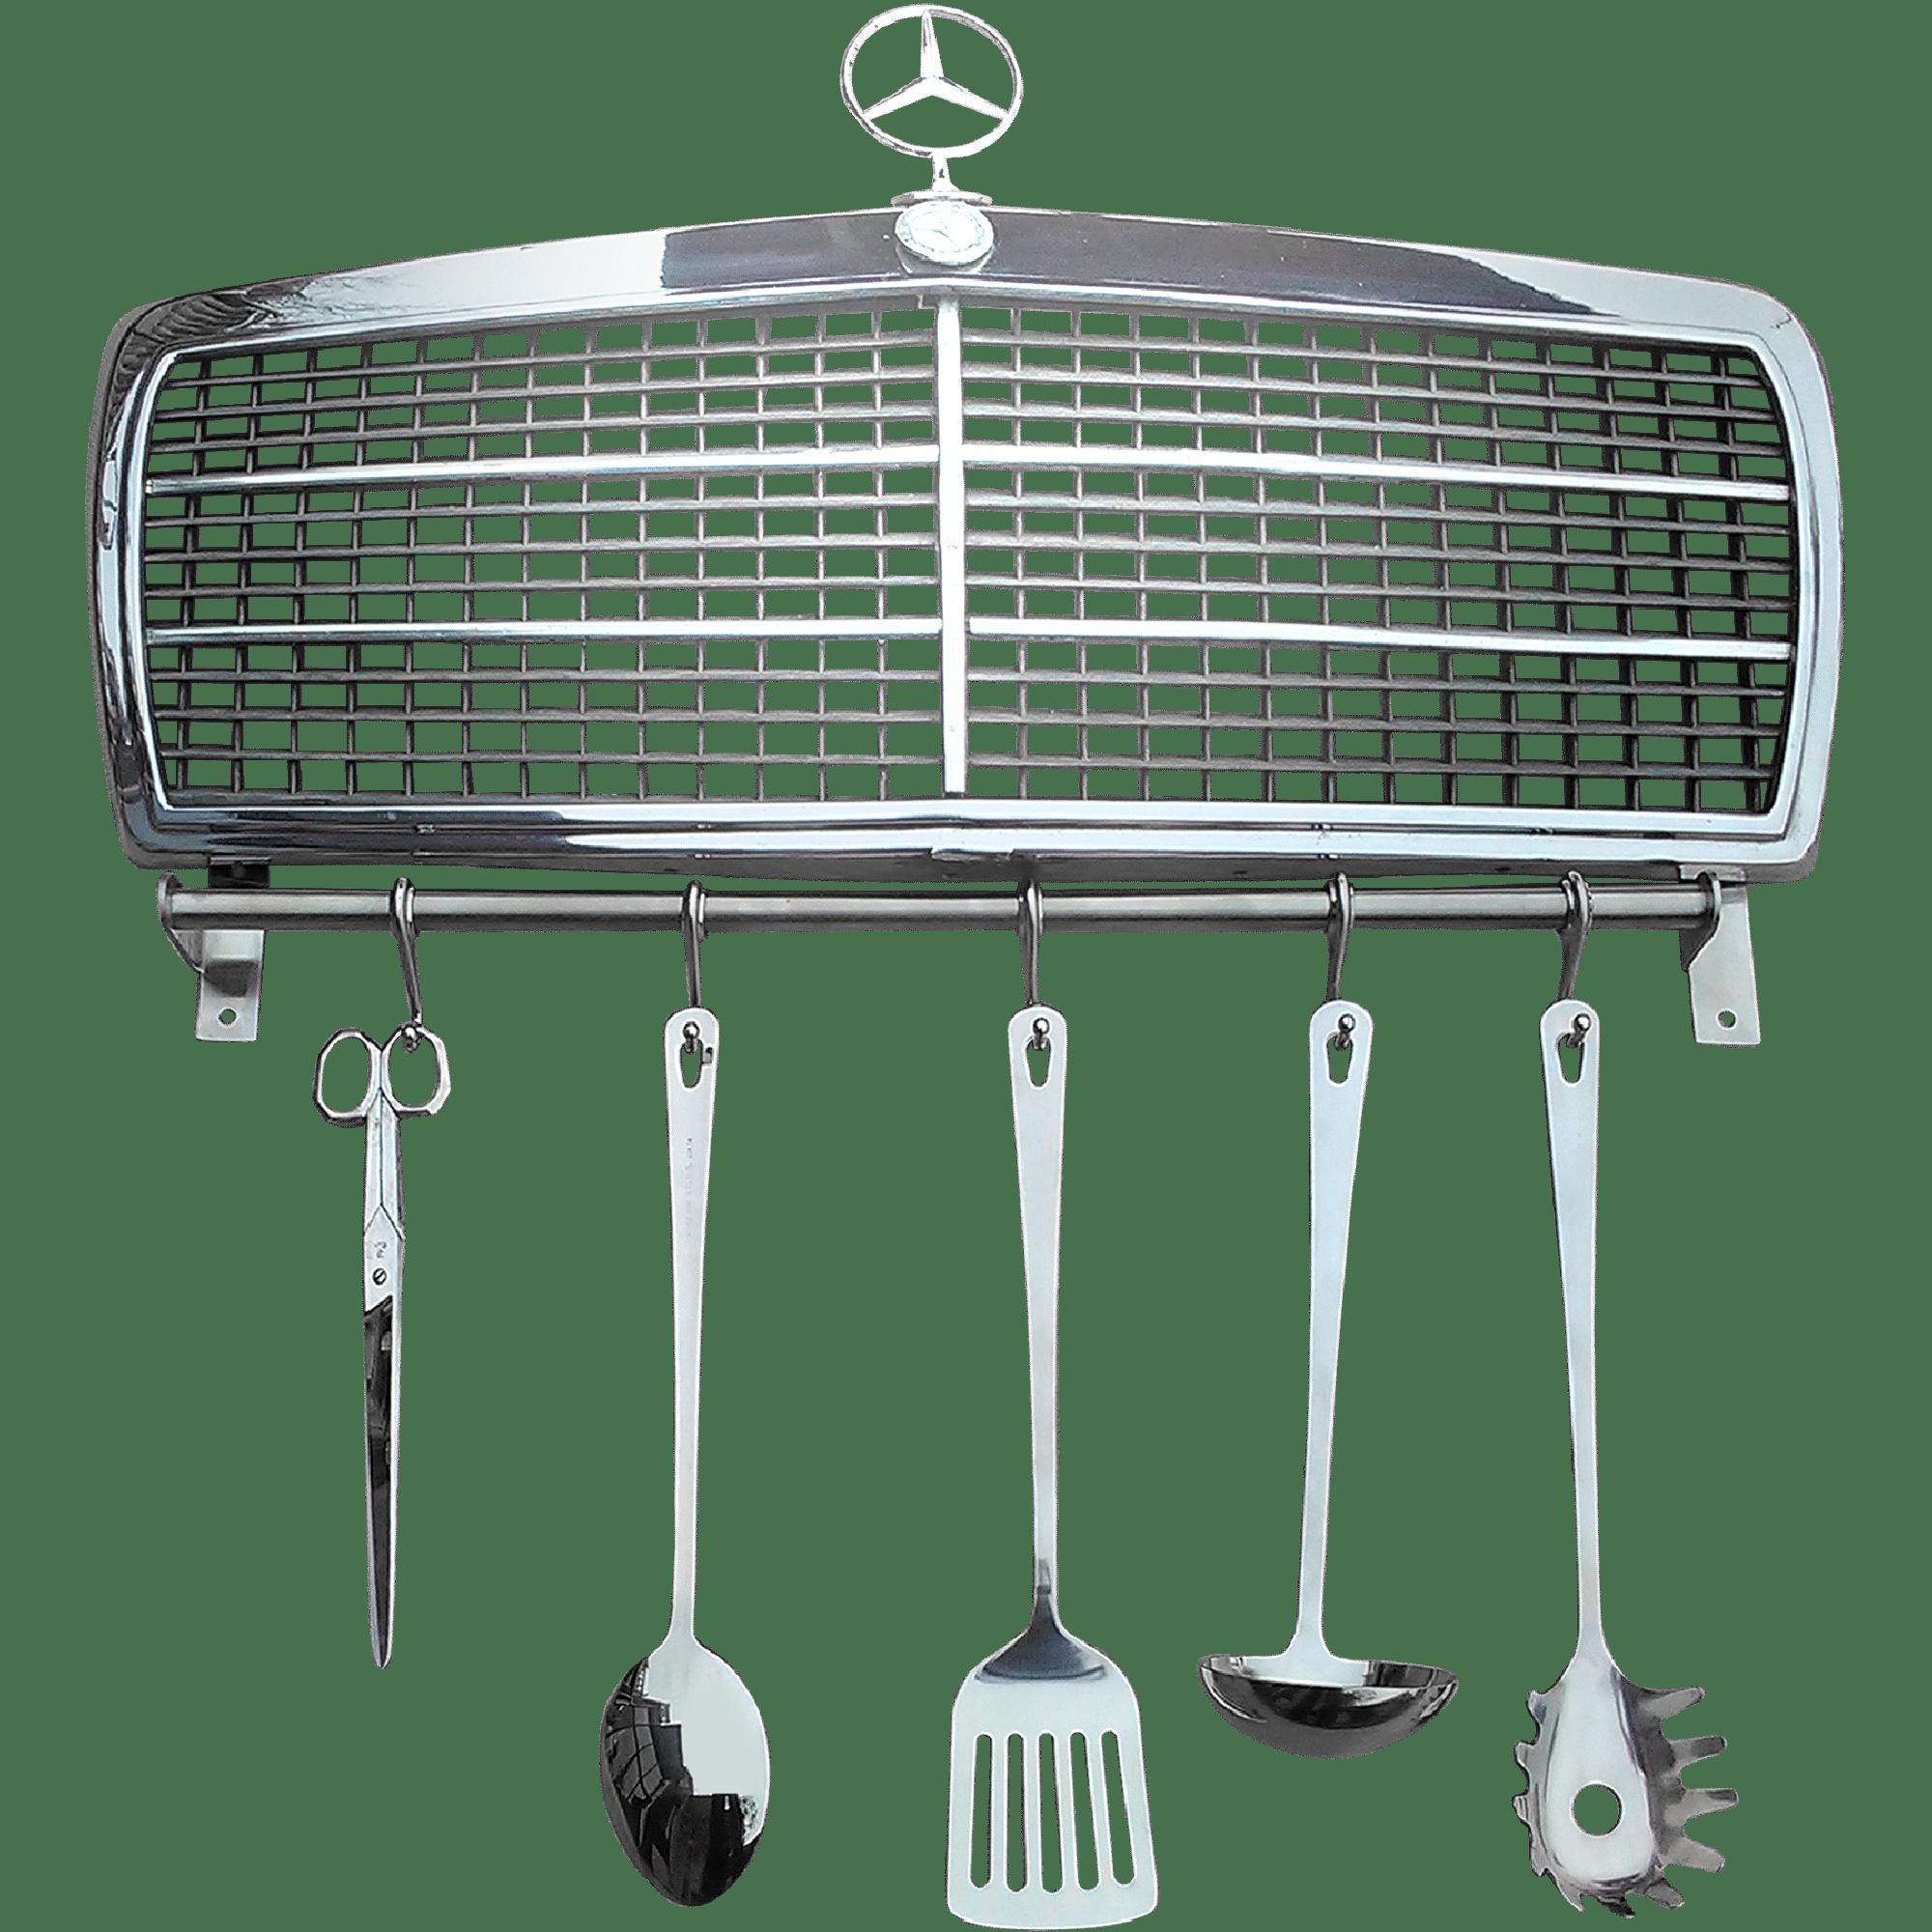 cadeau pour passionn d 39 automobile mobilier avec pi ces auto moto. Black Bedroom Furniture Sets. Home Design Ideas